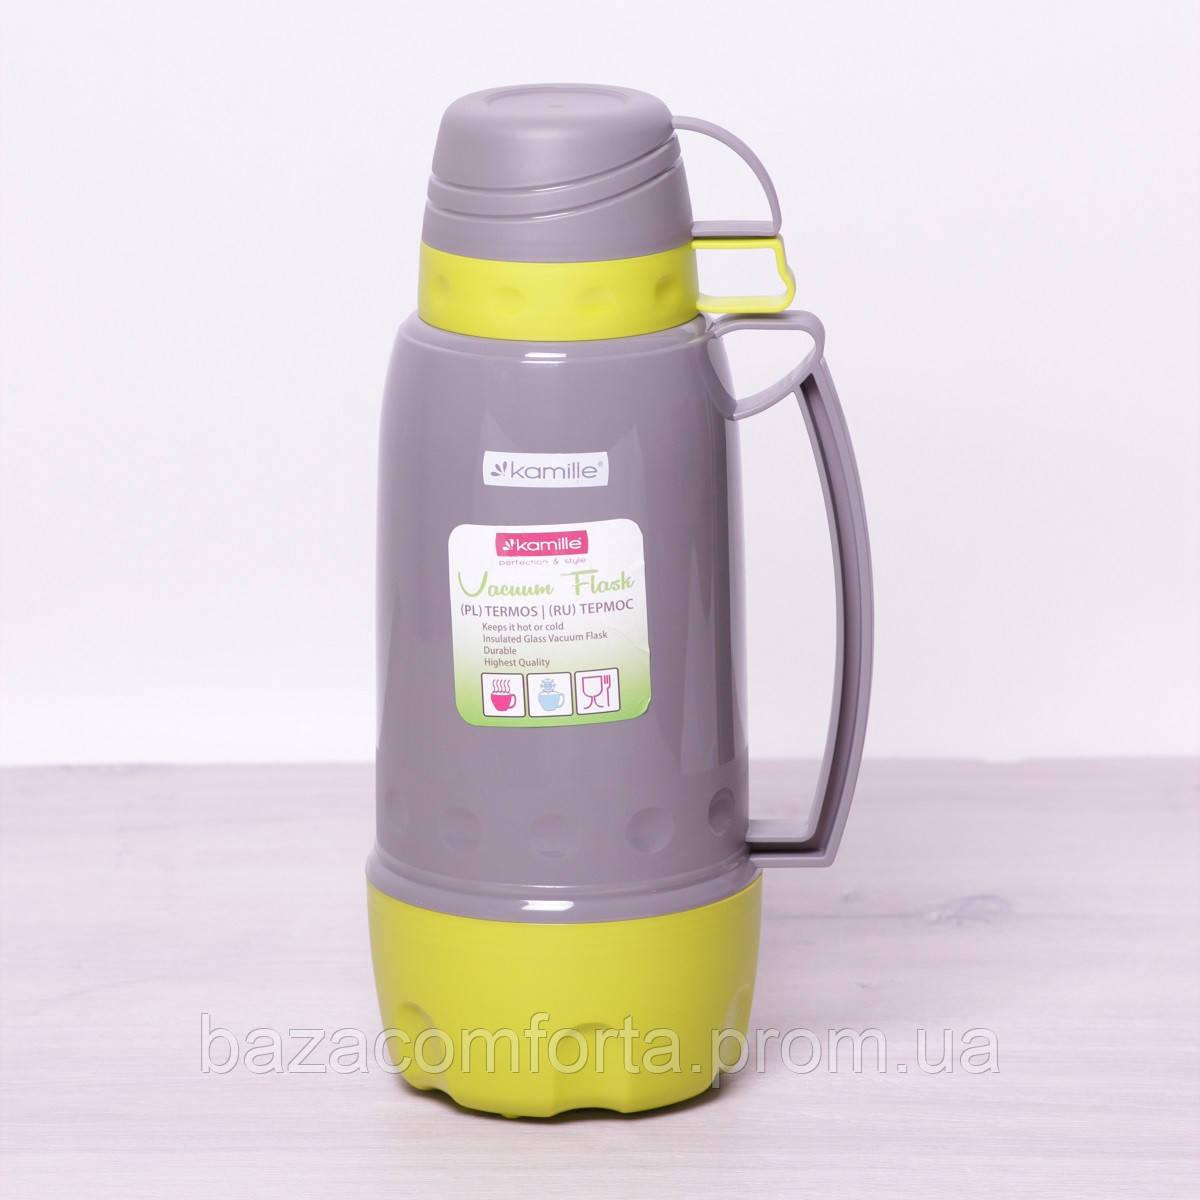 Термос 2081 пластиковый со стеклянной колбой Kamille 1800мл